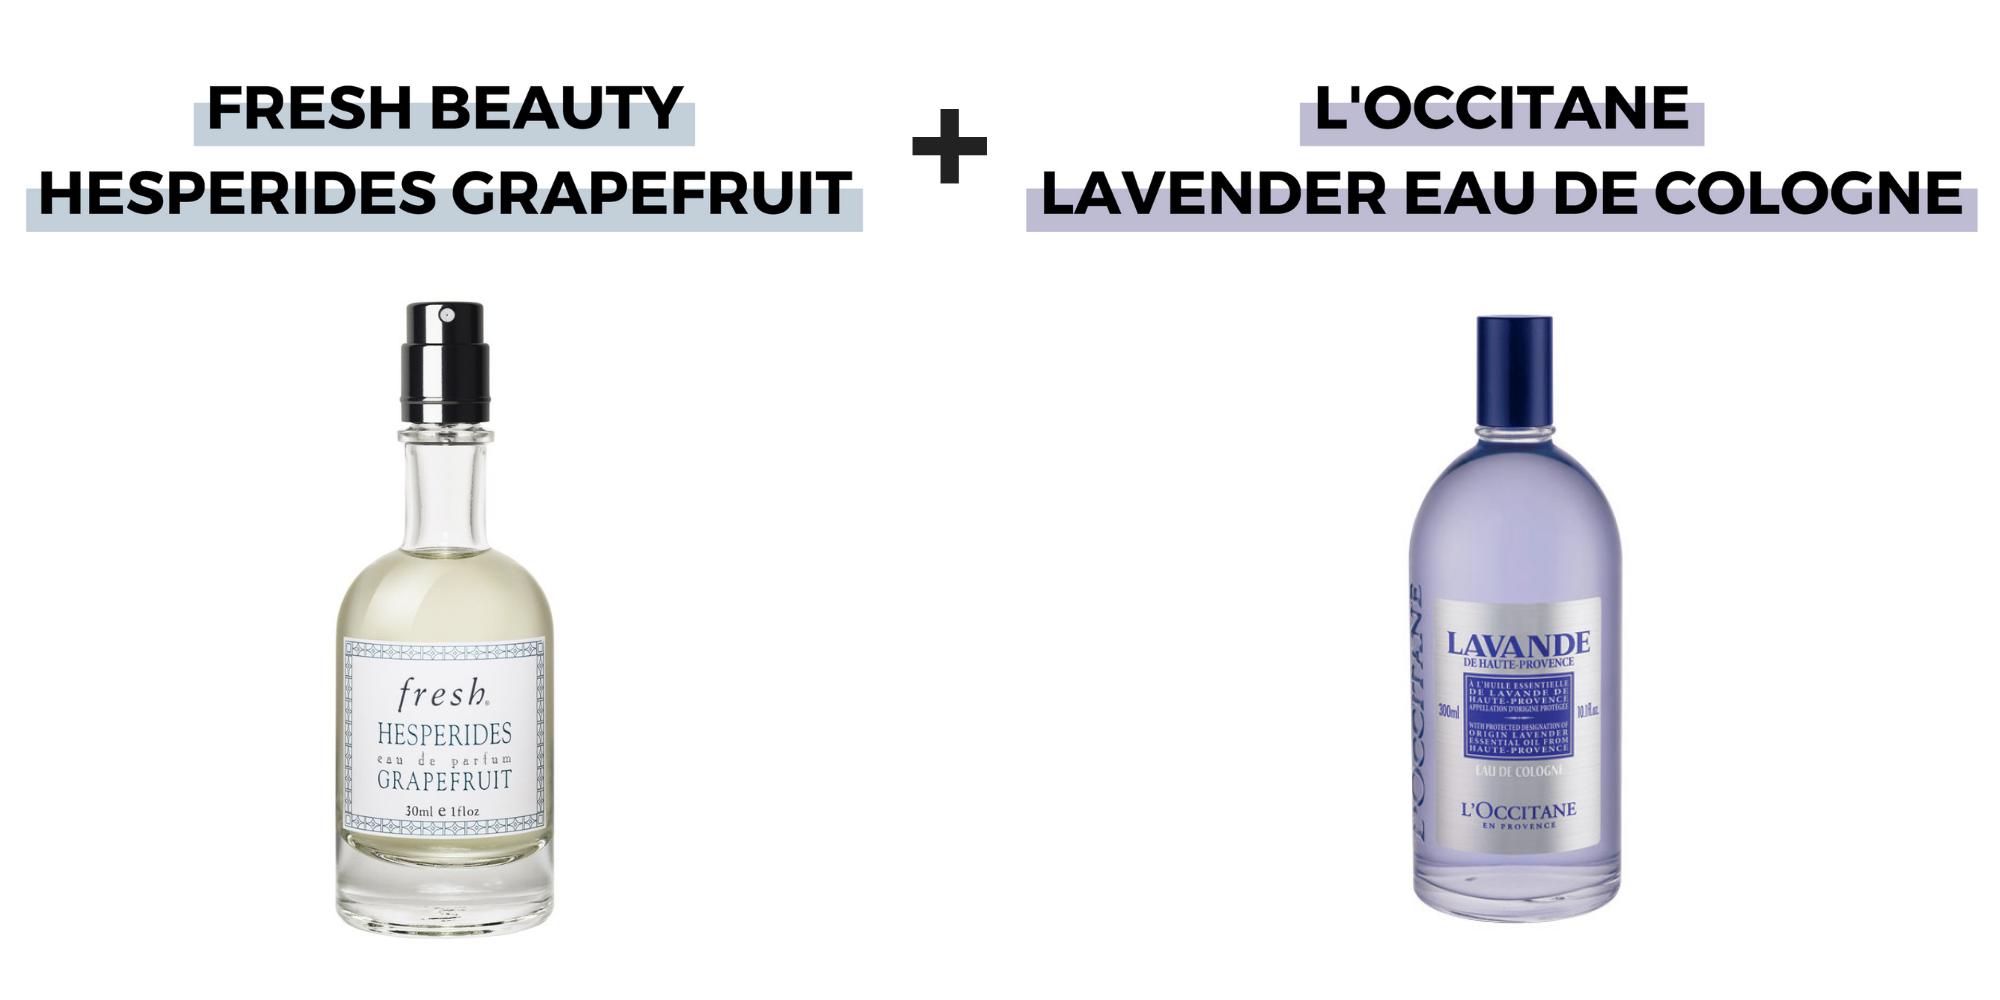 fresh beauty hesperides grapefruit l'occitane lavender eau de cologne perfume